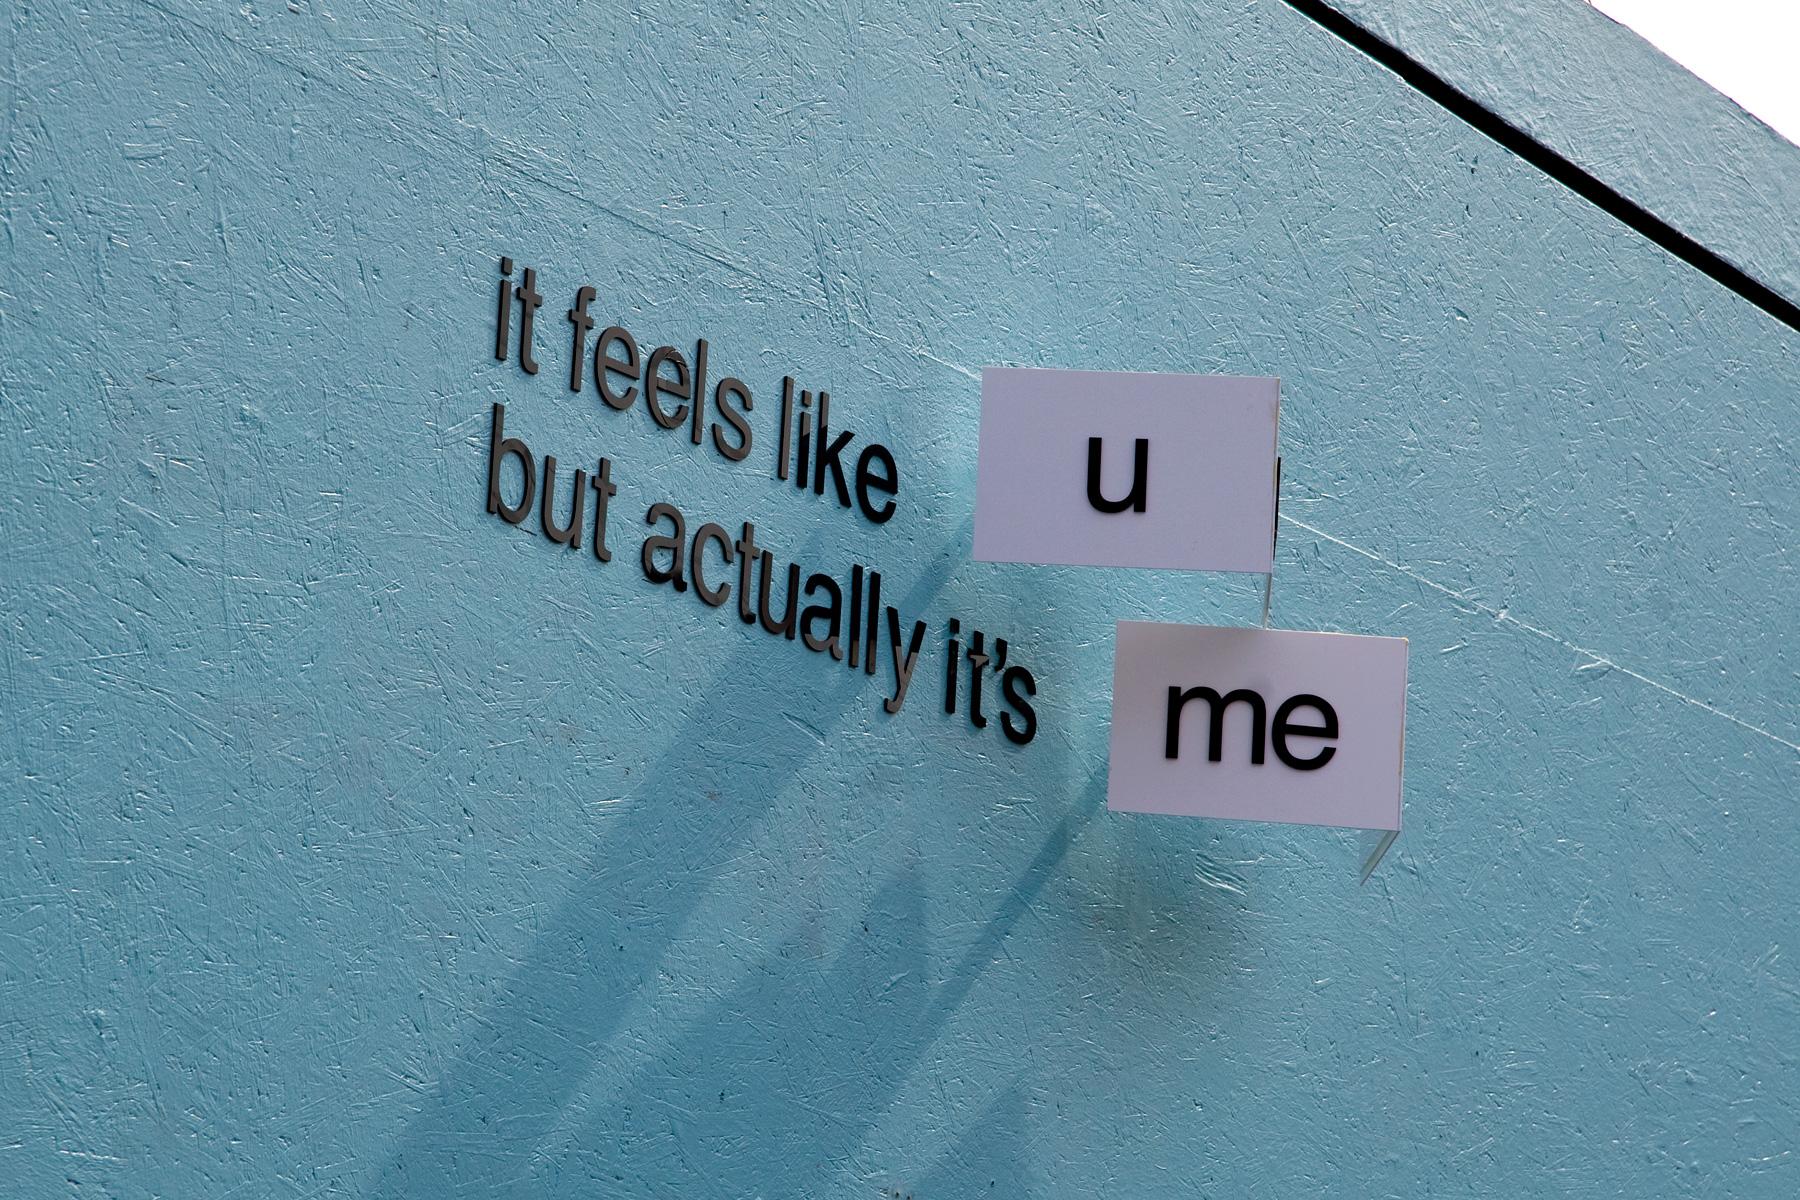 it feels like...